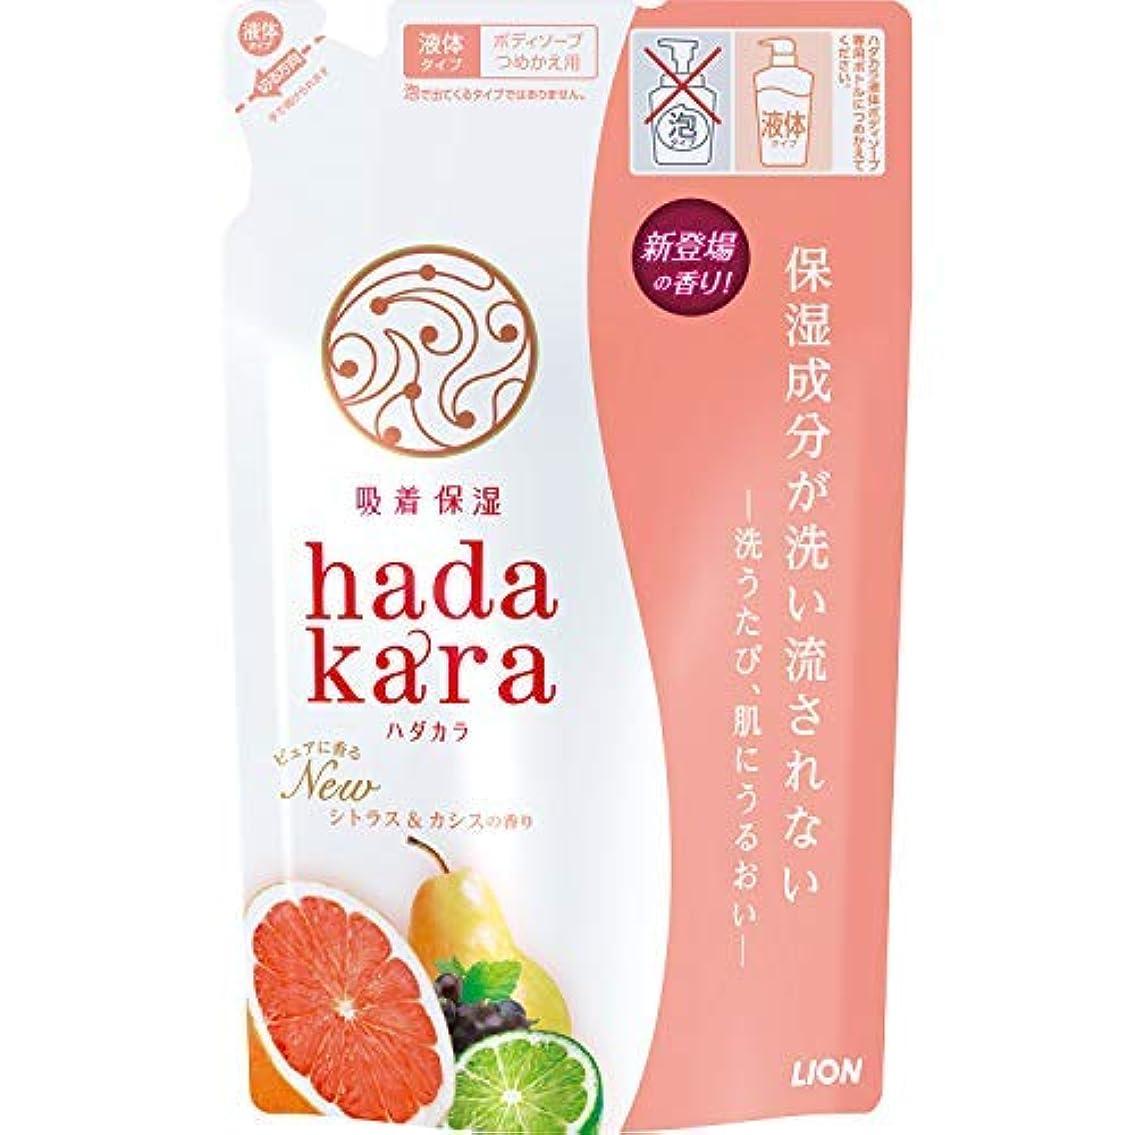 社員特性リハーサルhadakara(ハダカラ)ボディソープ シトラス&カシスの香り 詰替え用 360ml × 3個セット